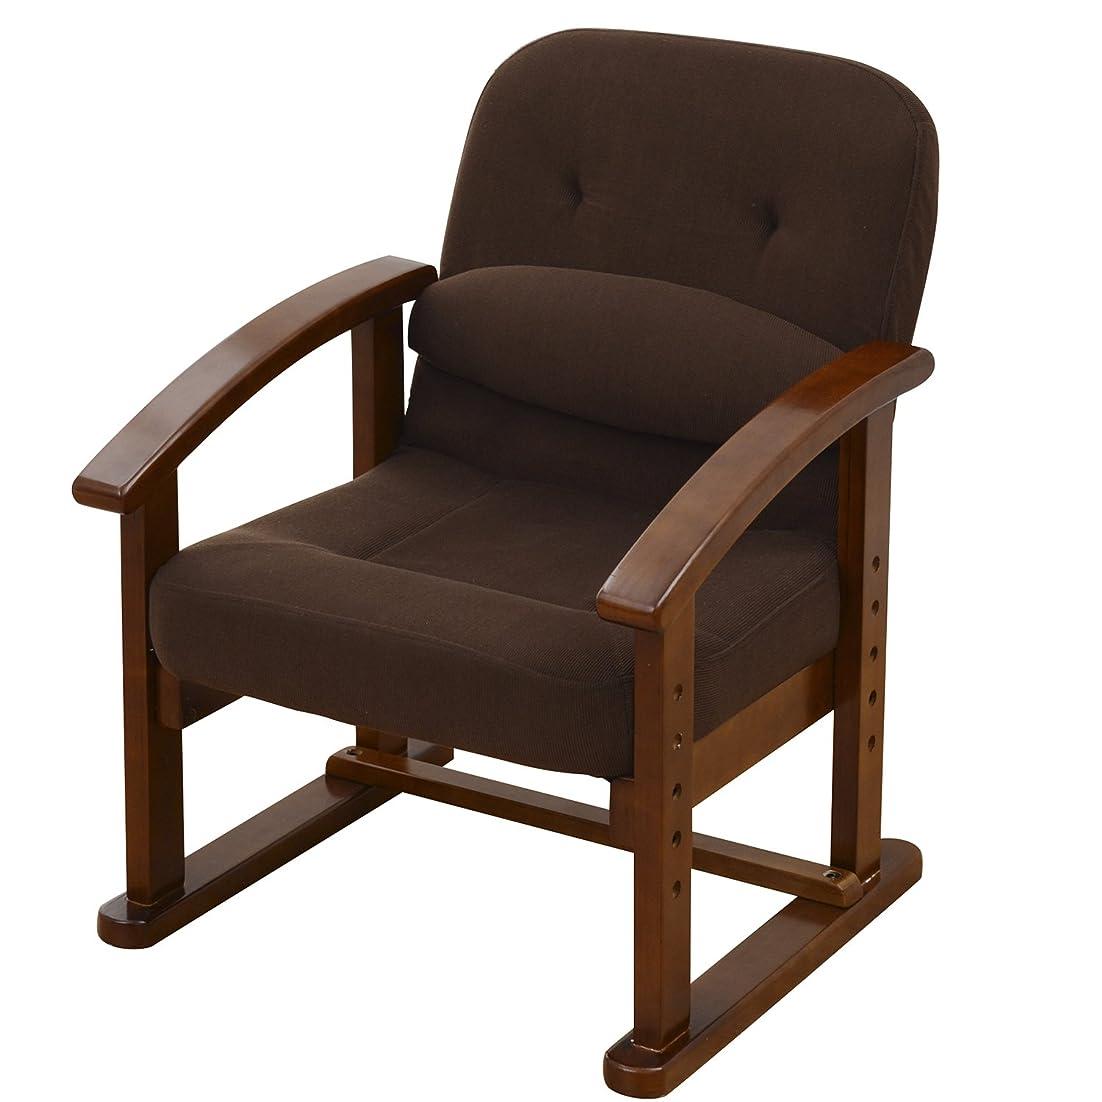 噴出するマントル好き山善(YAMAZEN) 組立て要らず 立ち上がり楽々高座椅子 防幕付 腰あて付 モカブラウン KMZC-55(MBR)BB